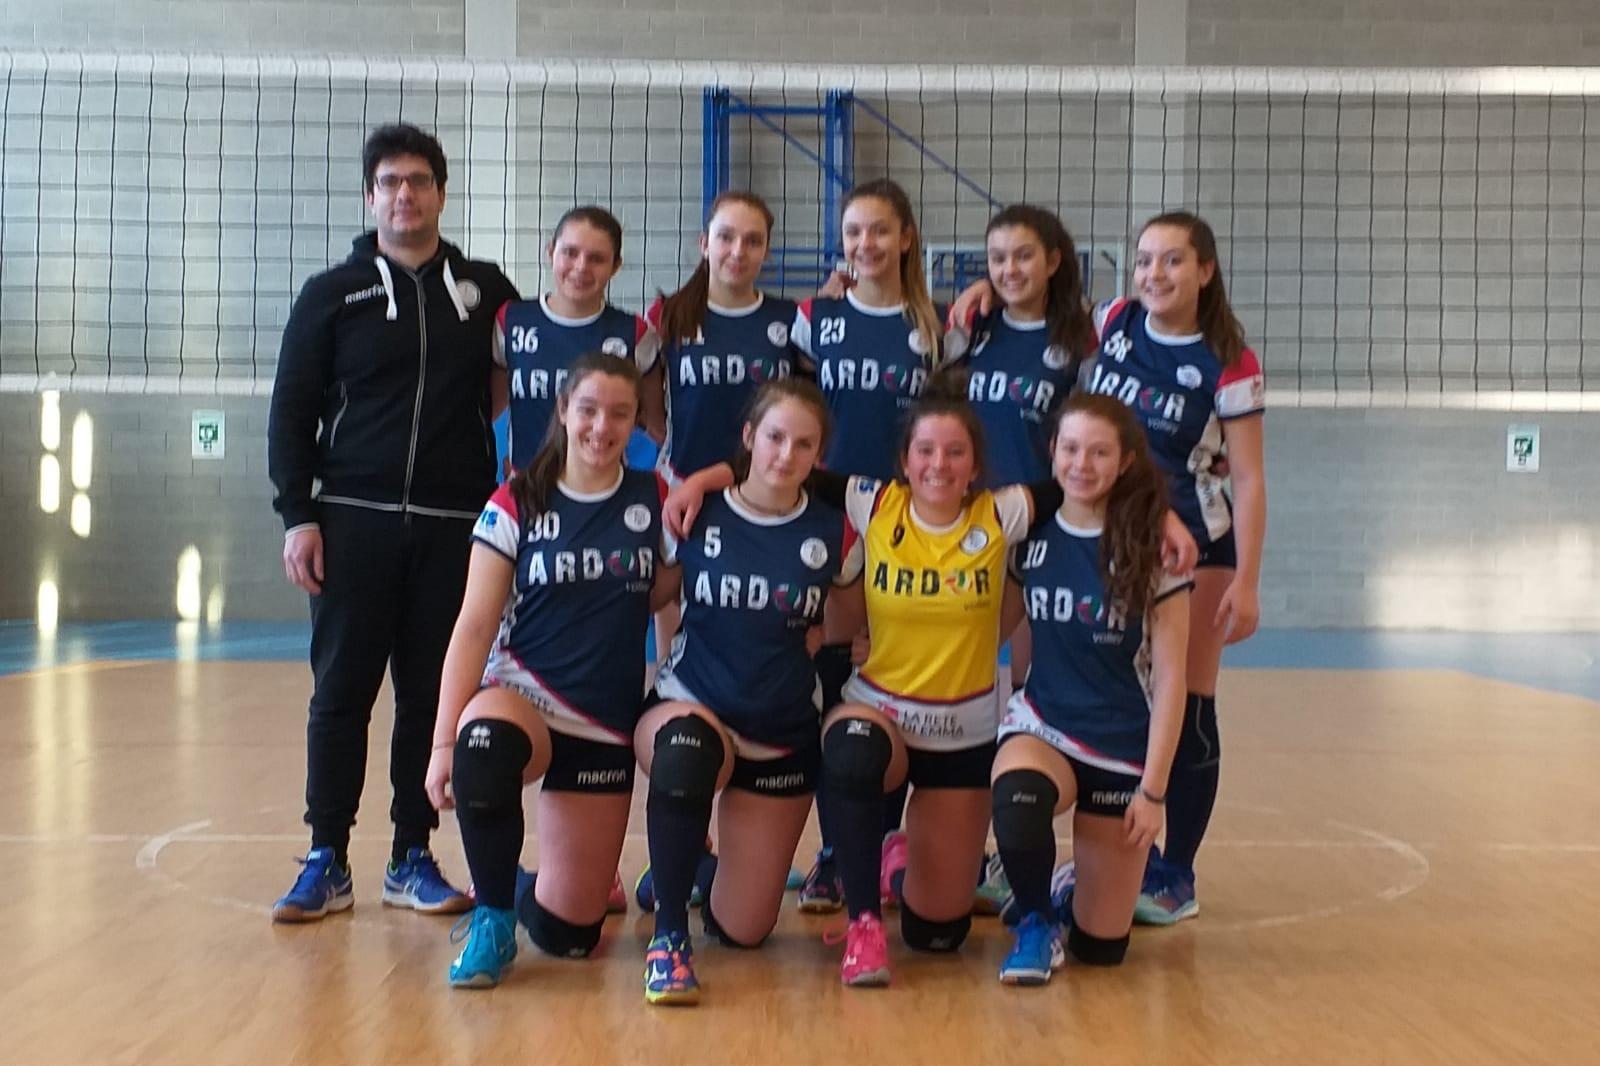 eagle cup 2019 Ardor volley under 16